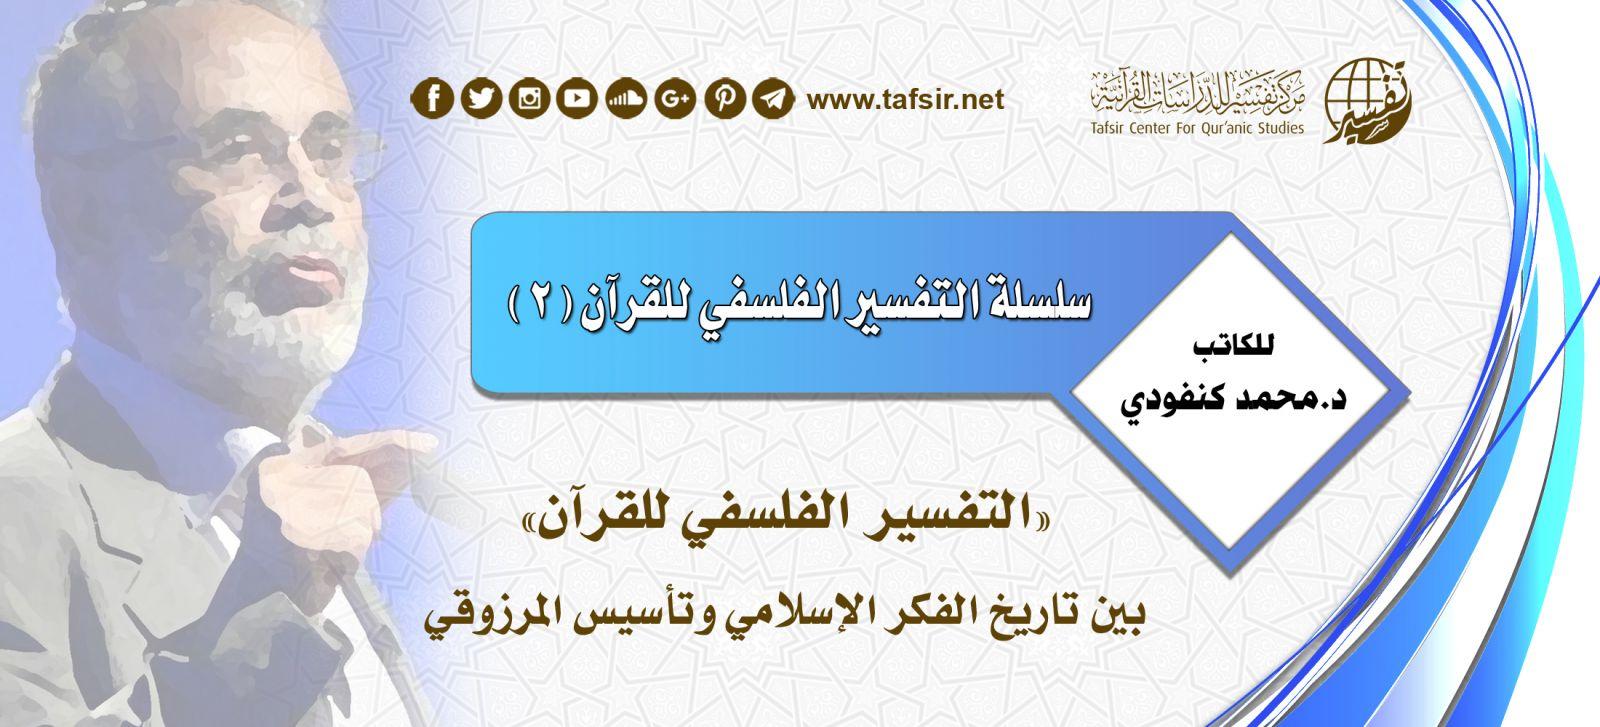 سلسة التفسير الفلسفي للقرآن (2): «التفسير الفلسفي للقرآن» بين تاريخ الفكر الإسلامي وتأسيس المرزوقي